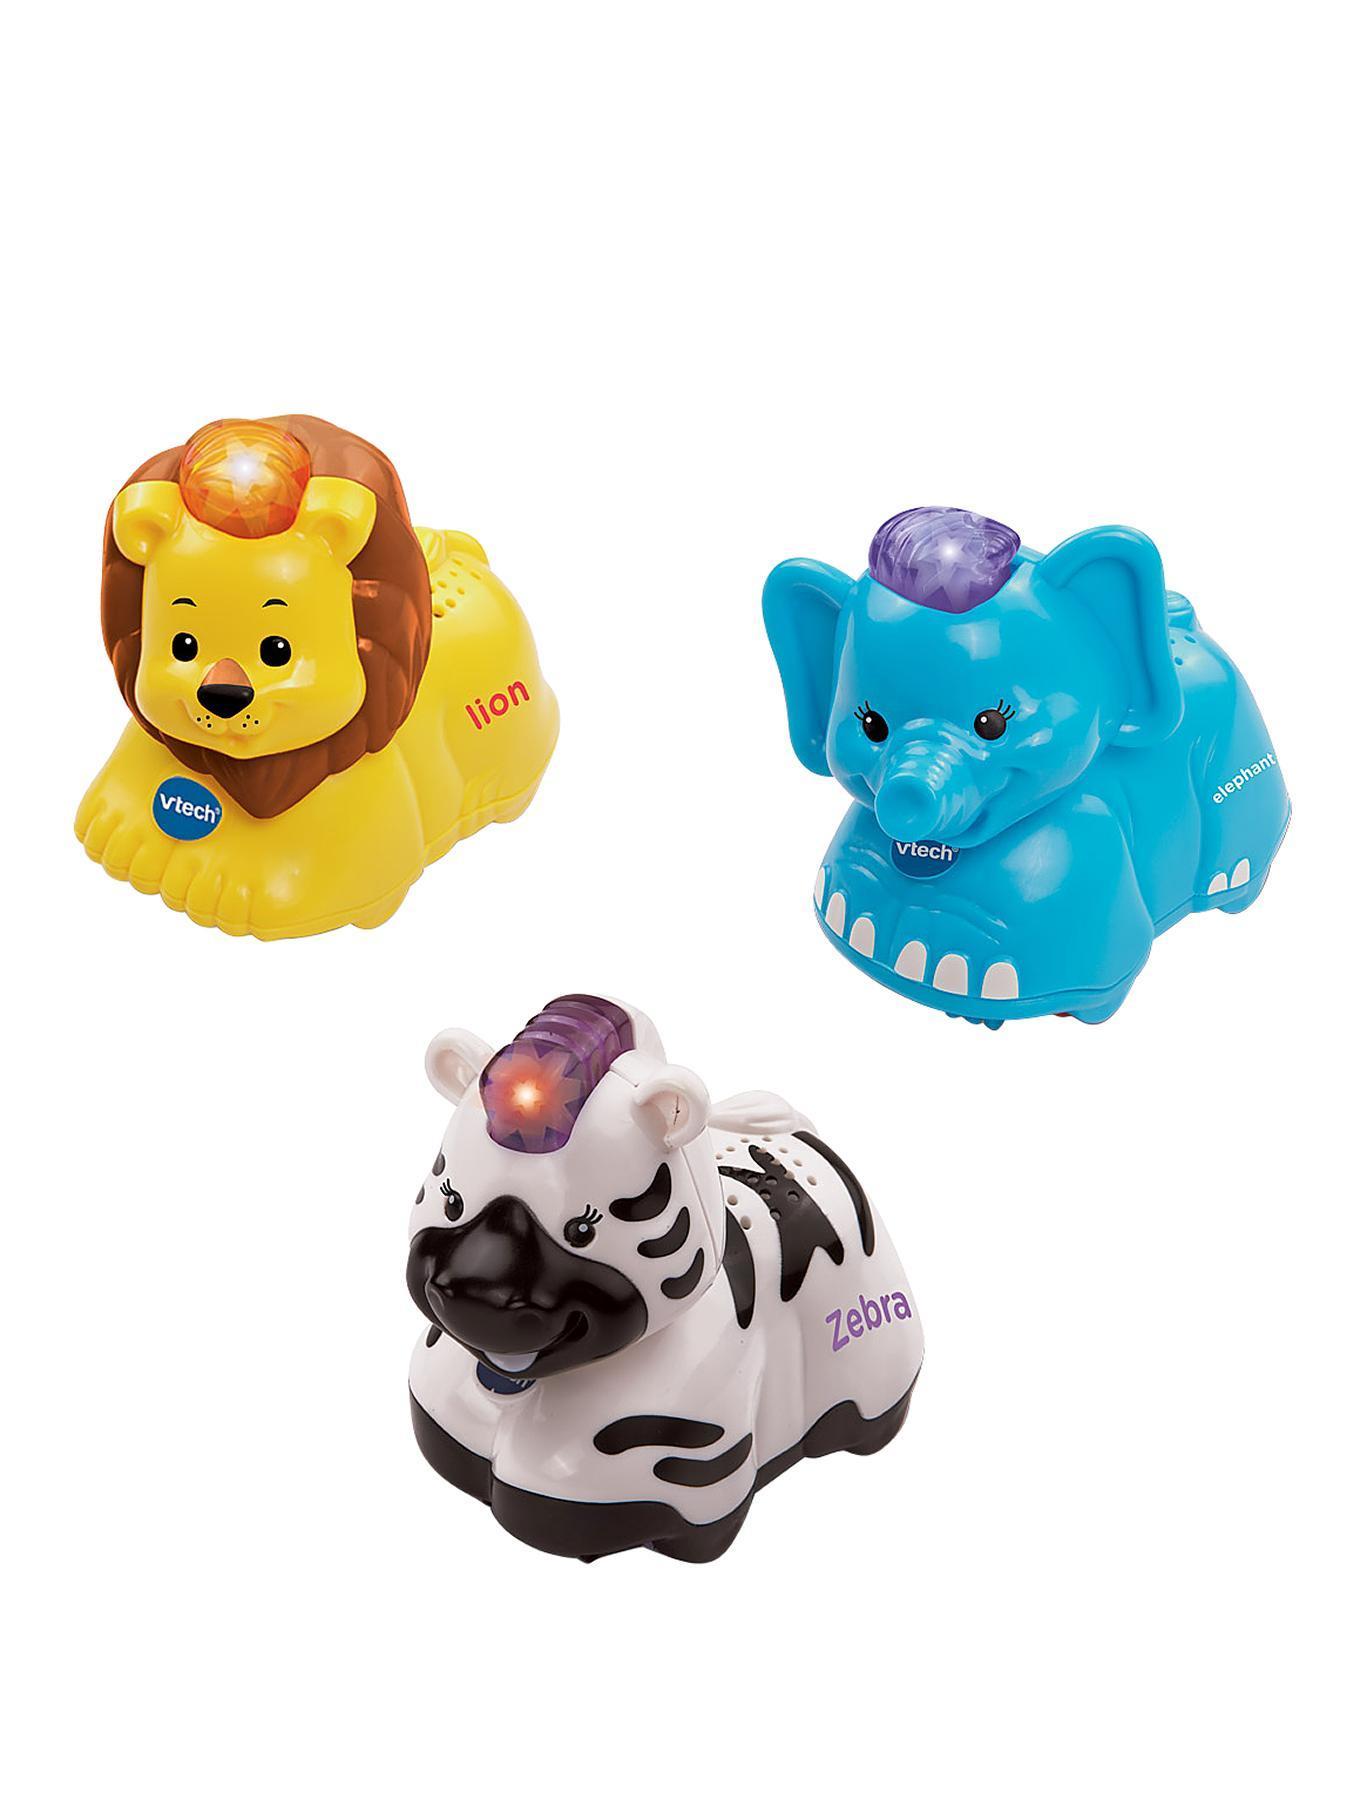 VTech Toot Toot Animals - Elephant, Zebra and Lion